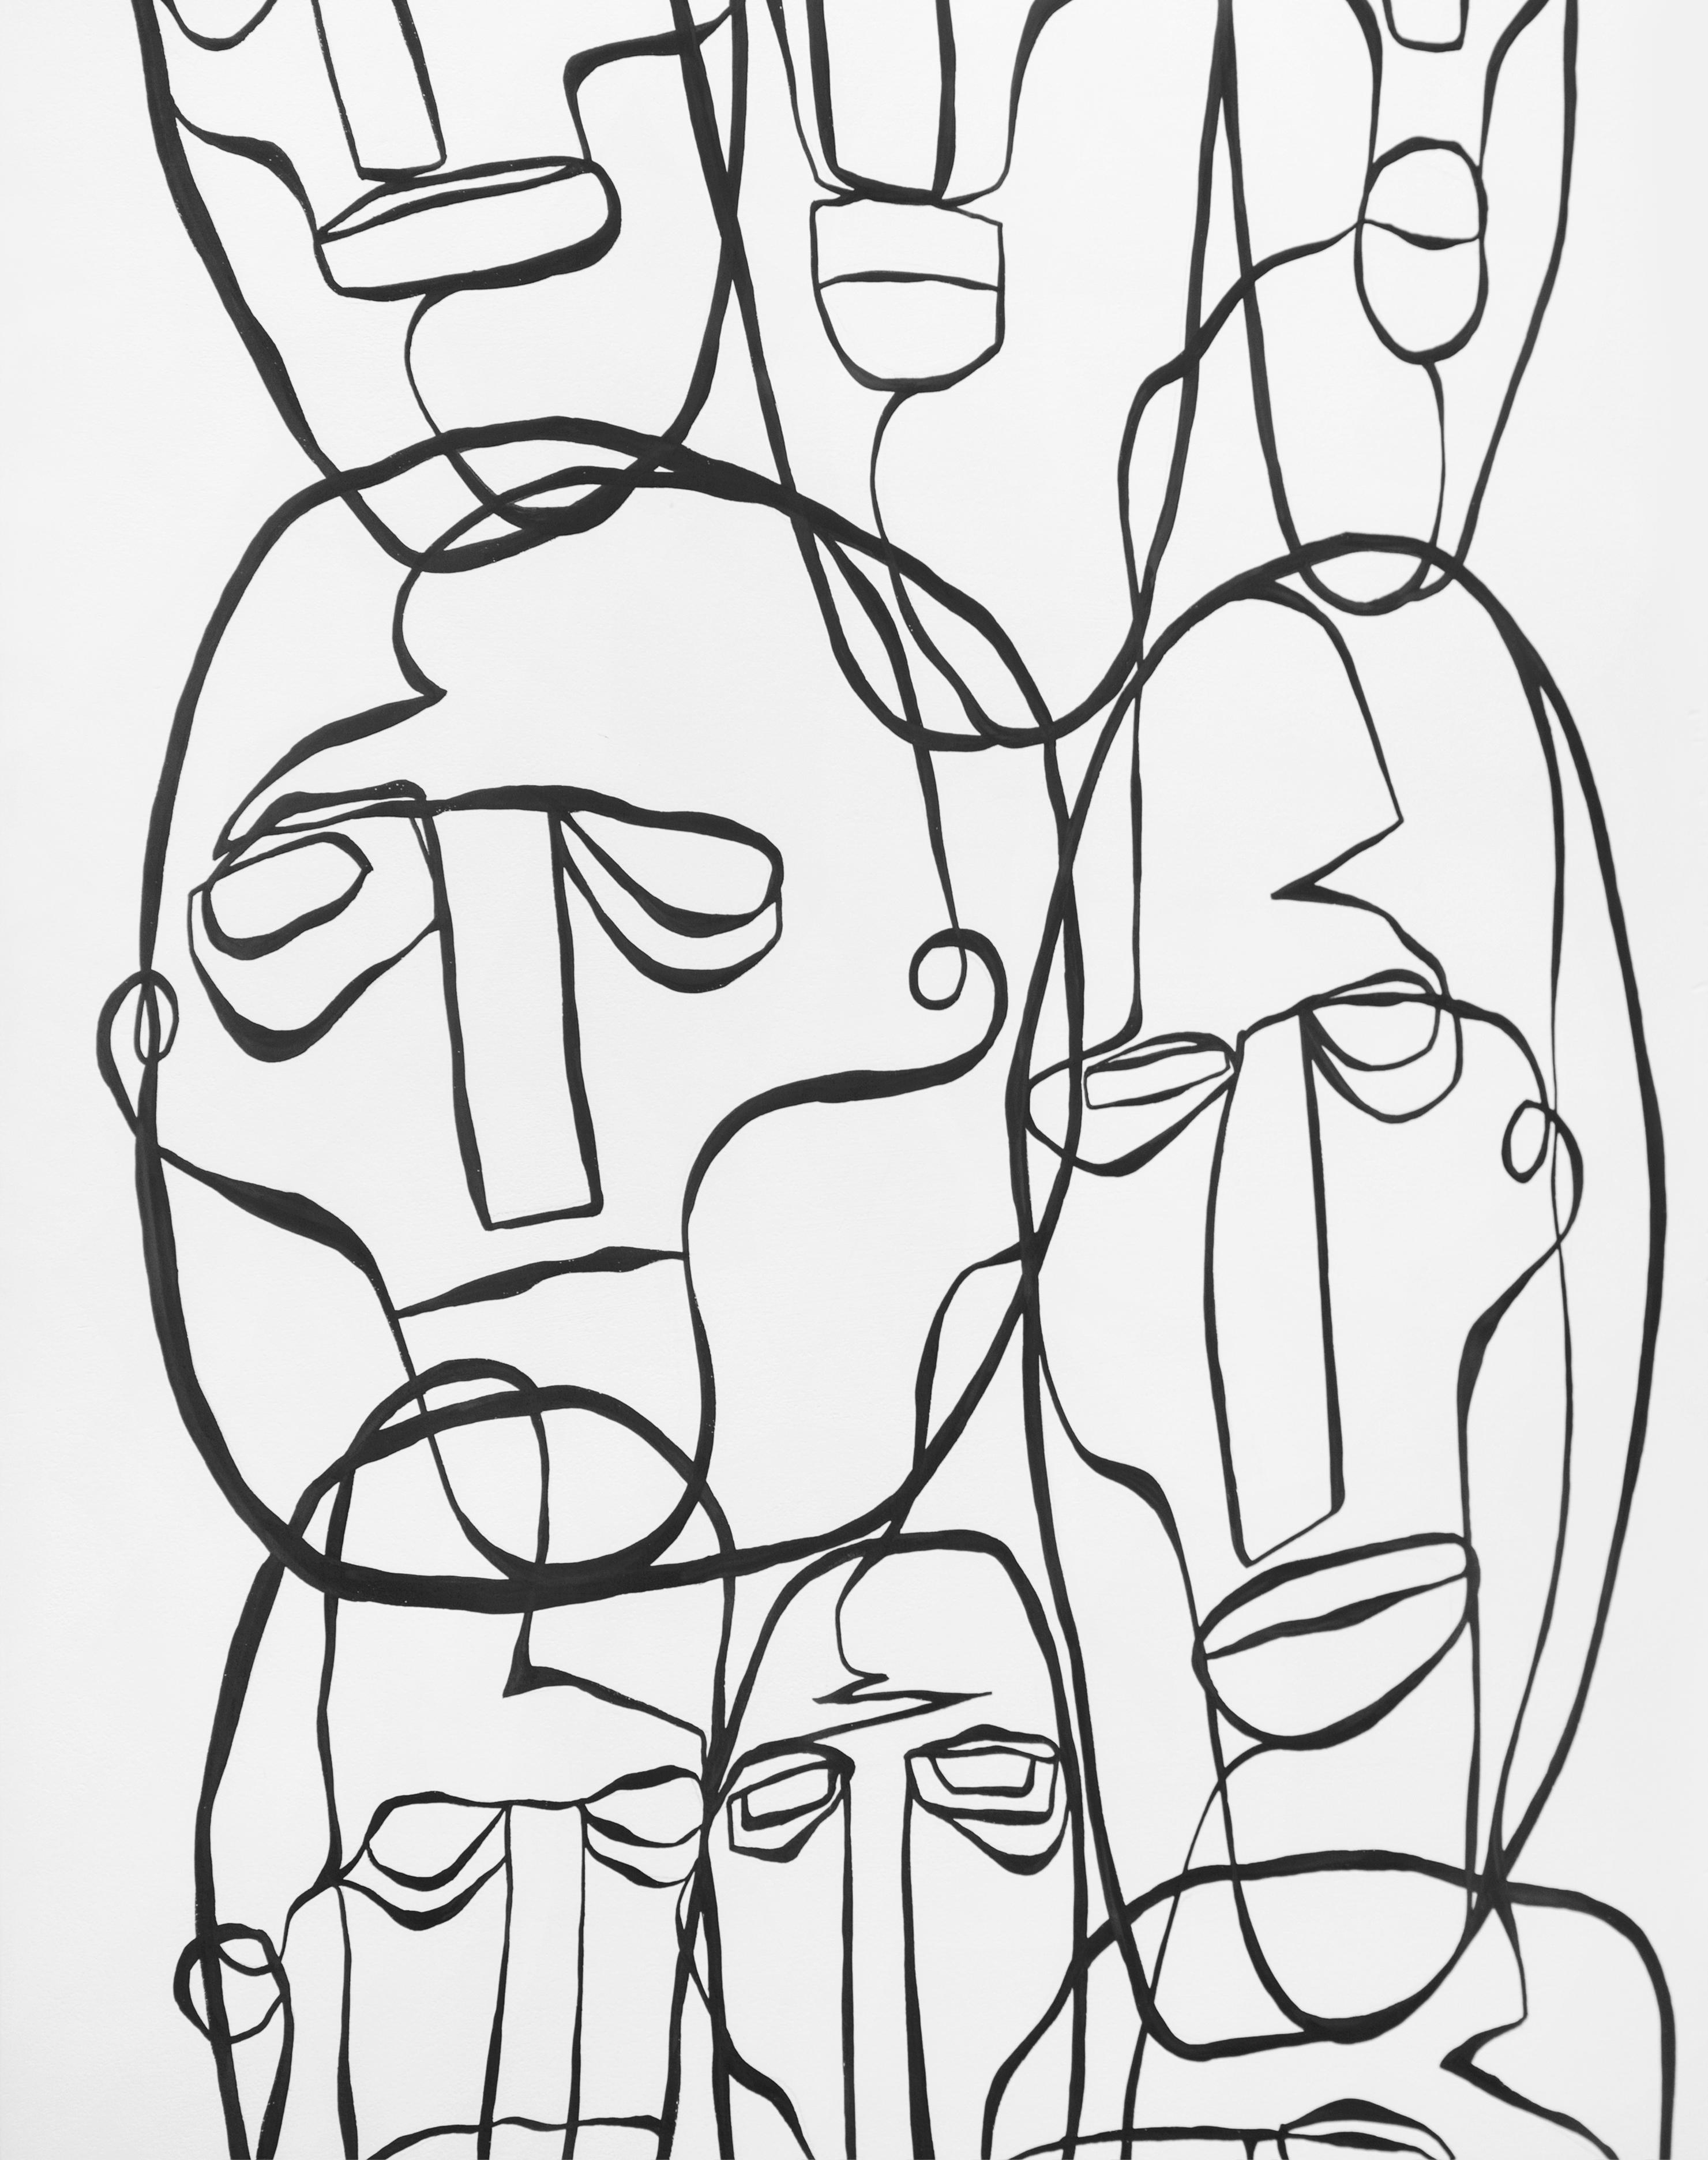 Vila_07_print